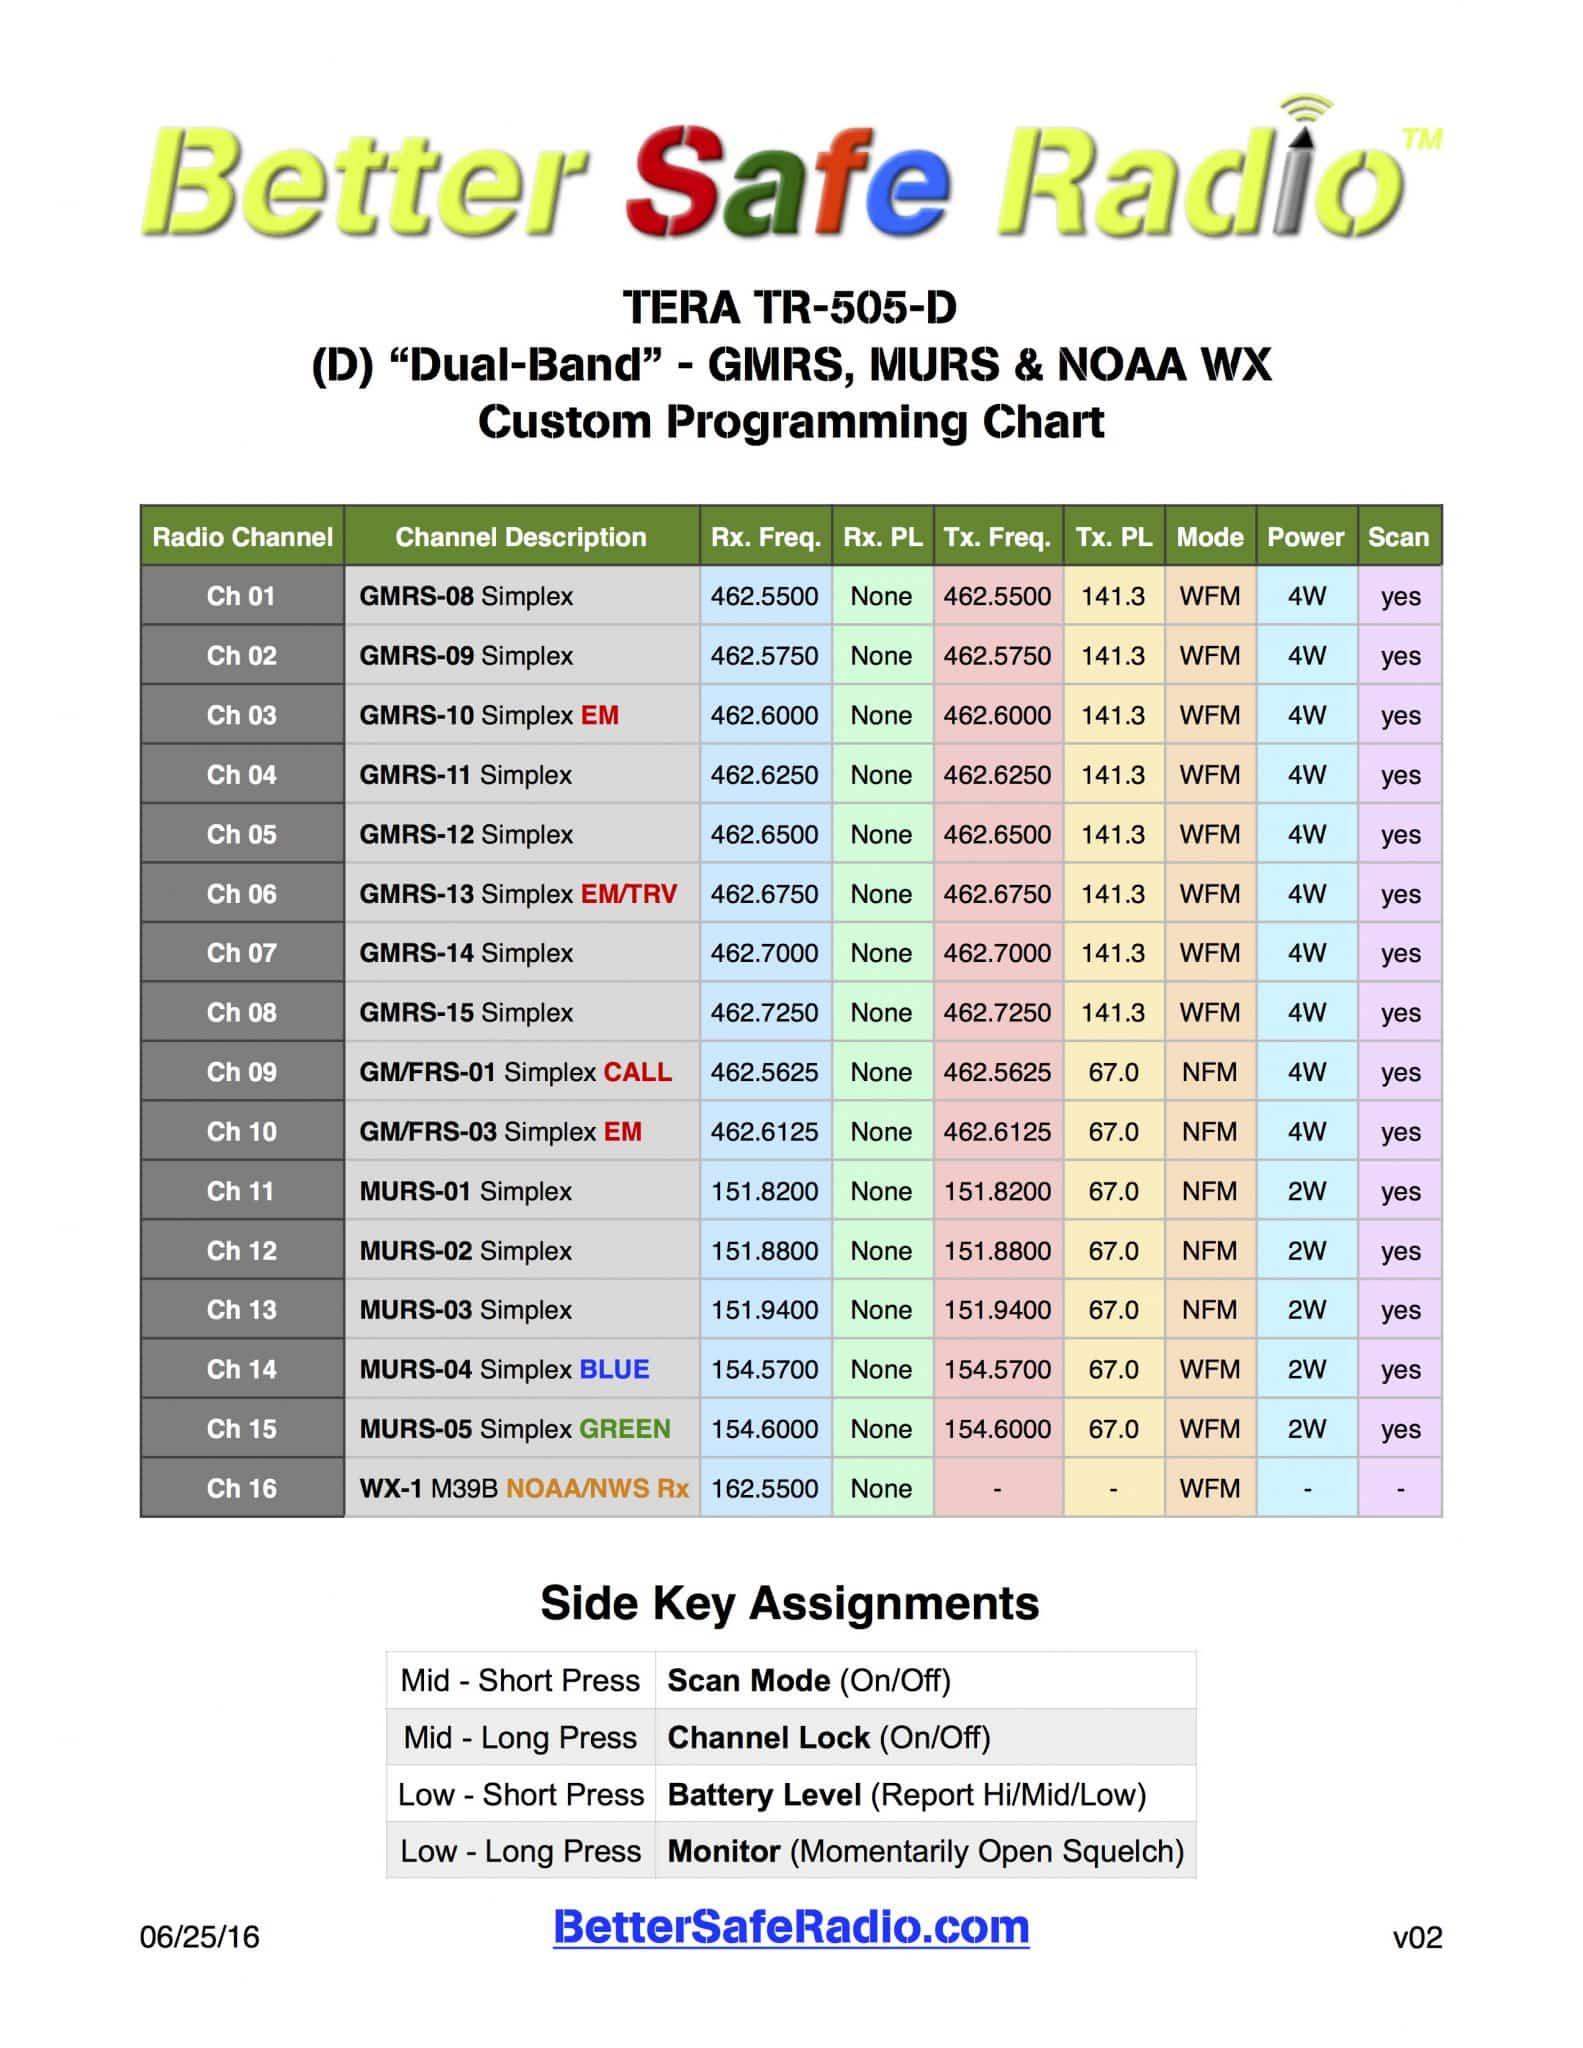 Better Safe Radio TERA TR-505-D Programming Chart v02